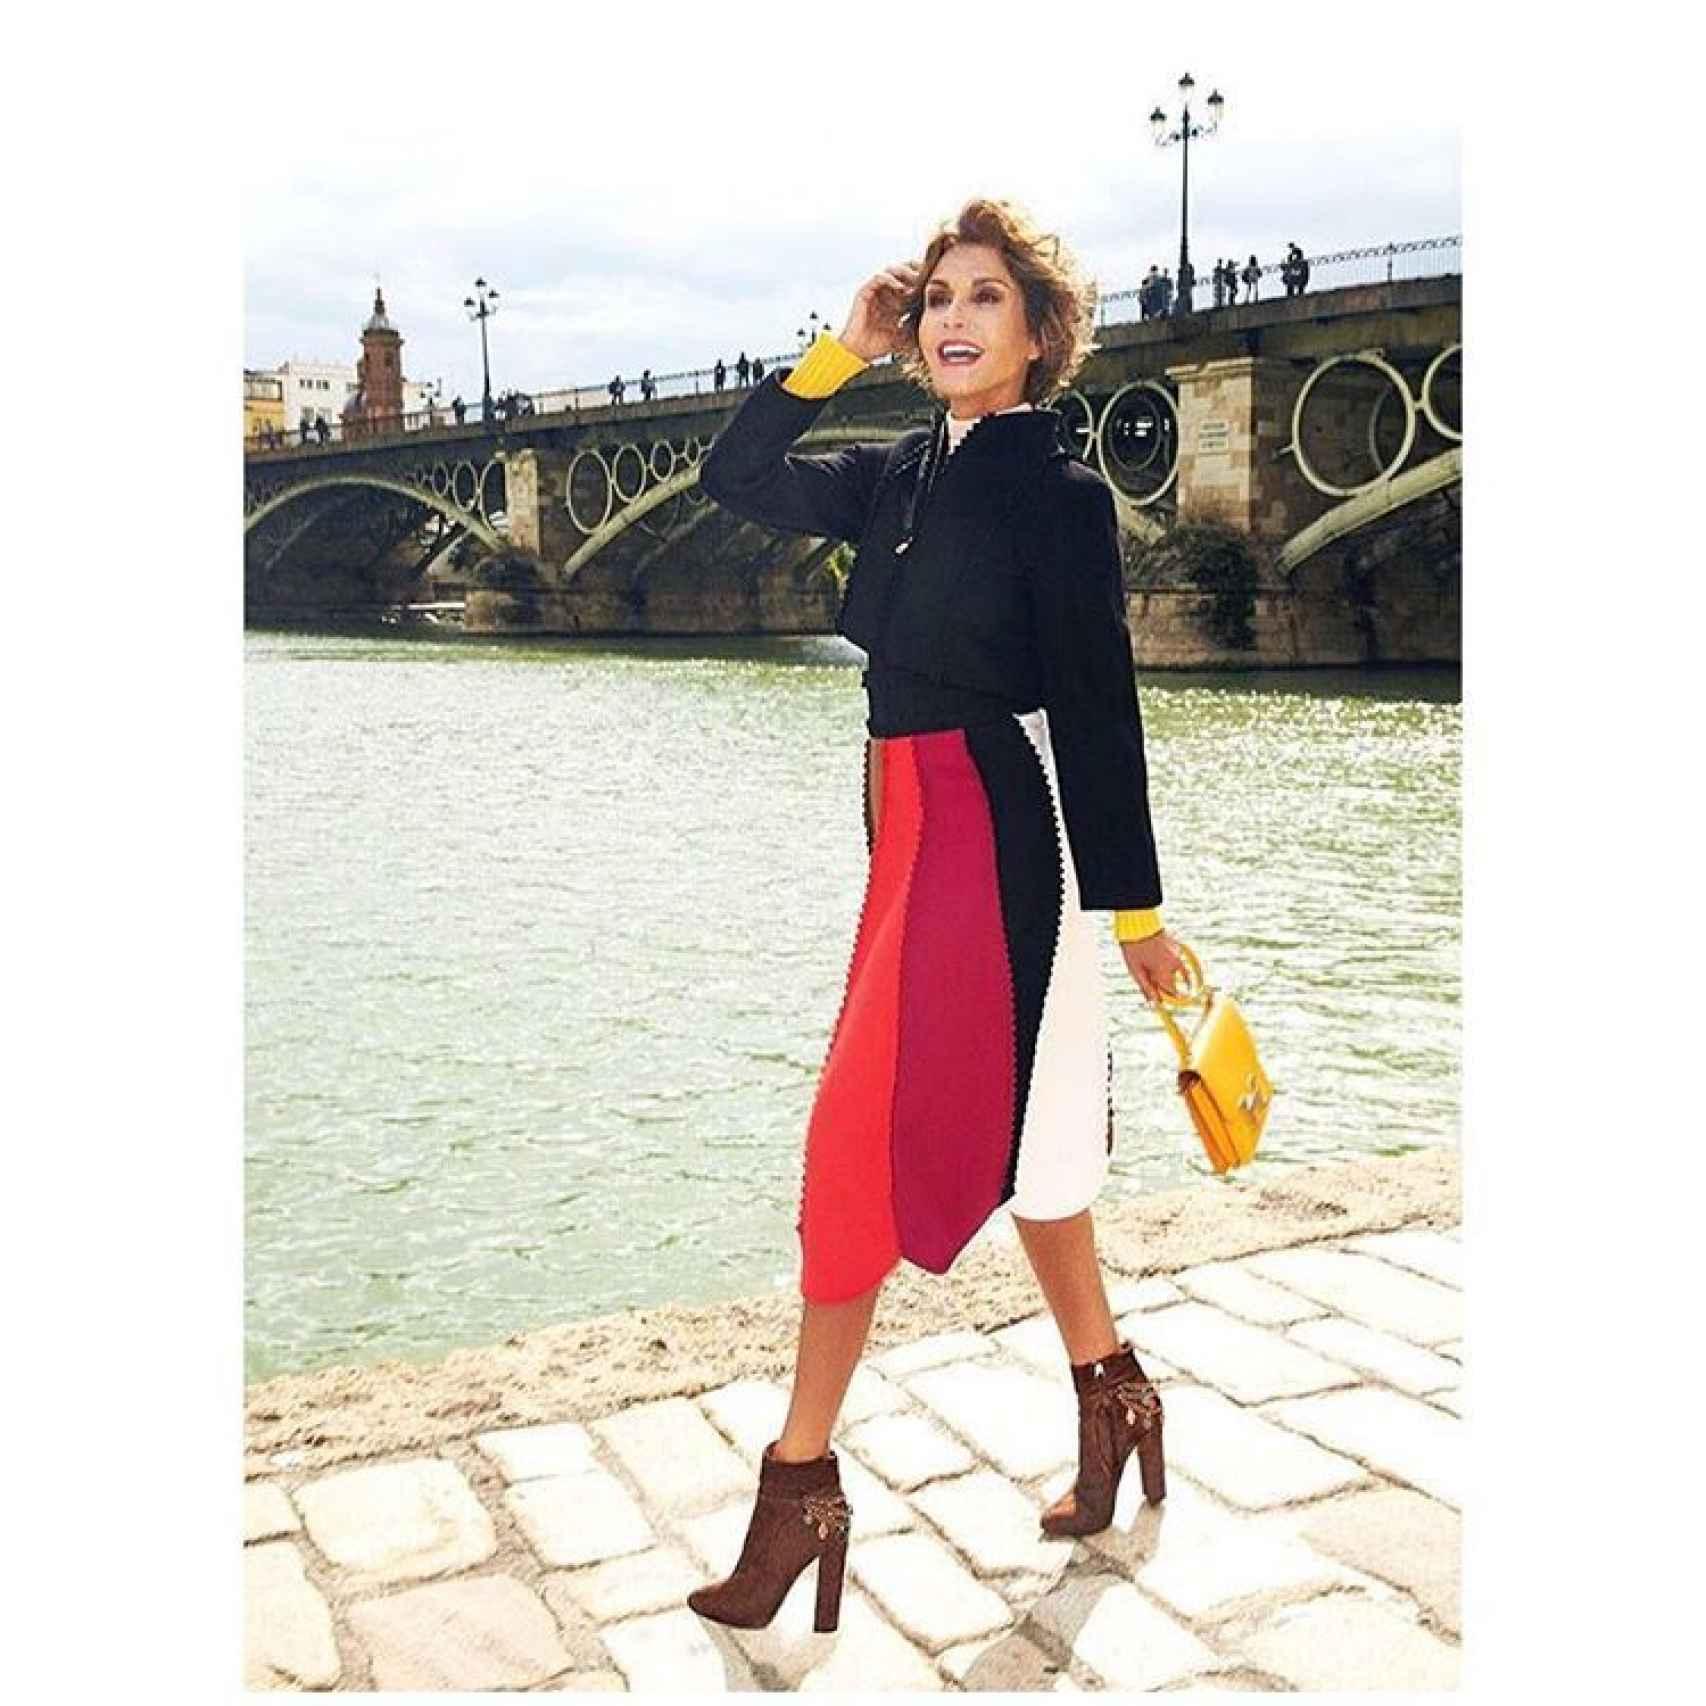 La estilista con los botines diseñados por ella misma